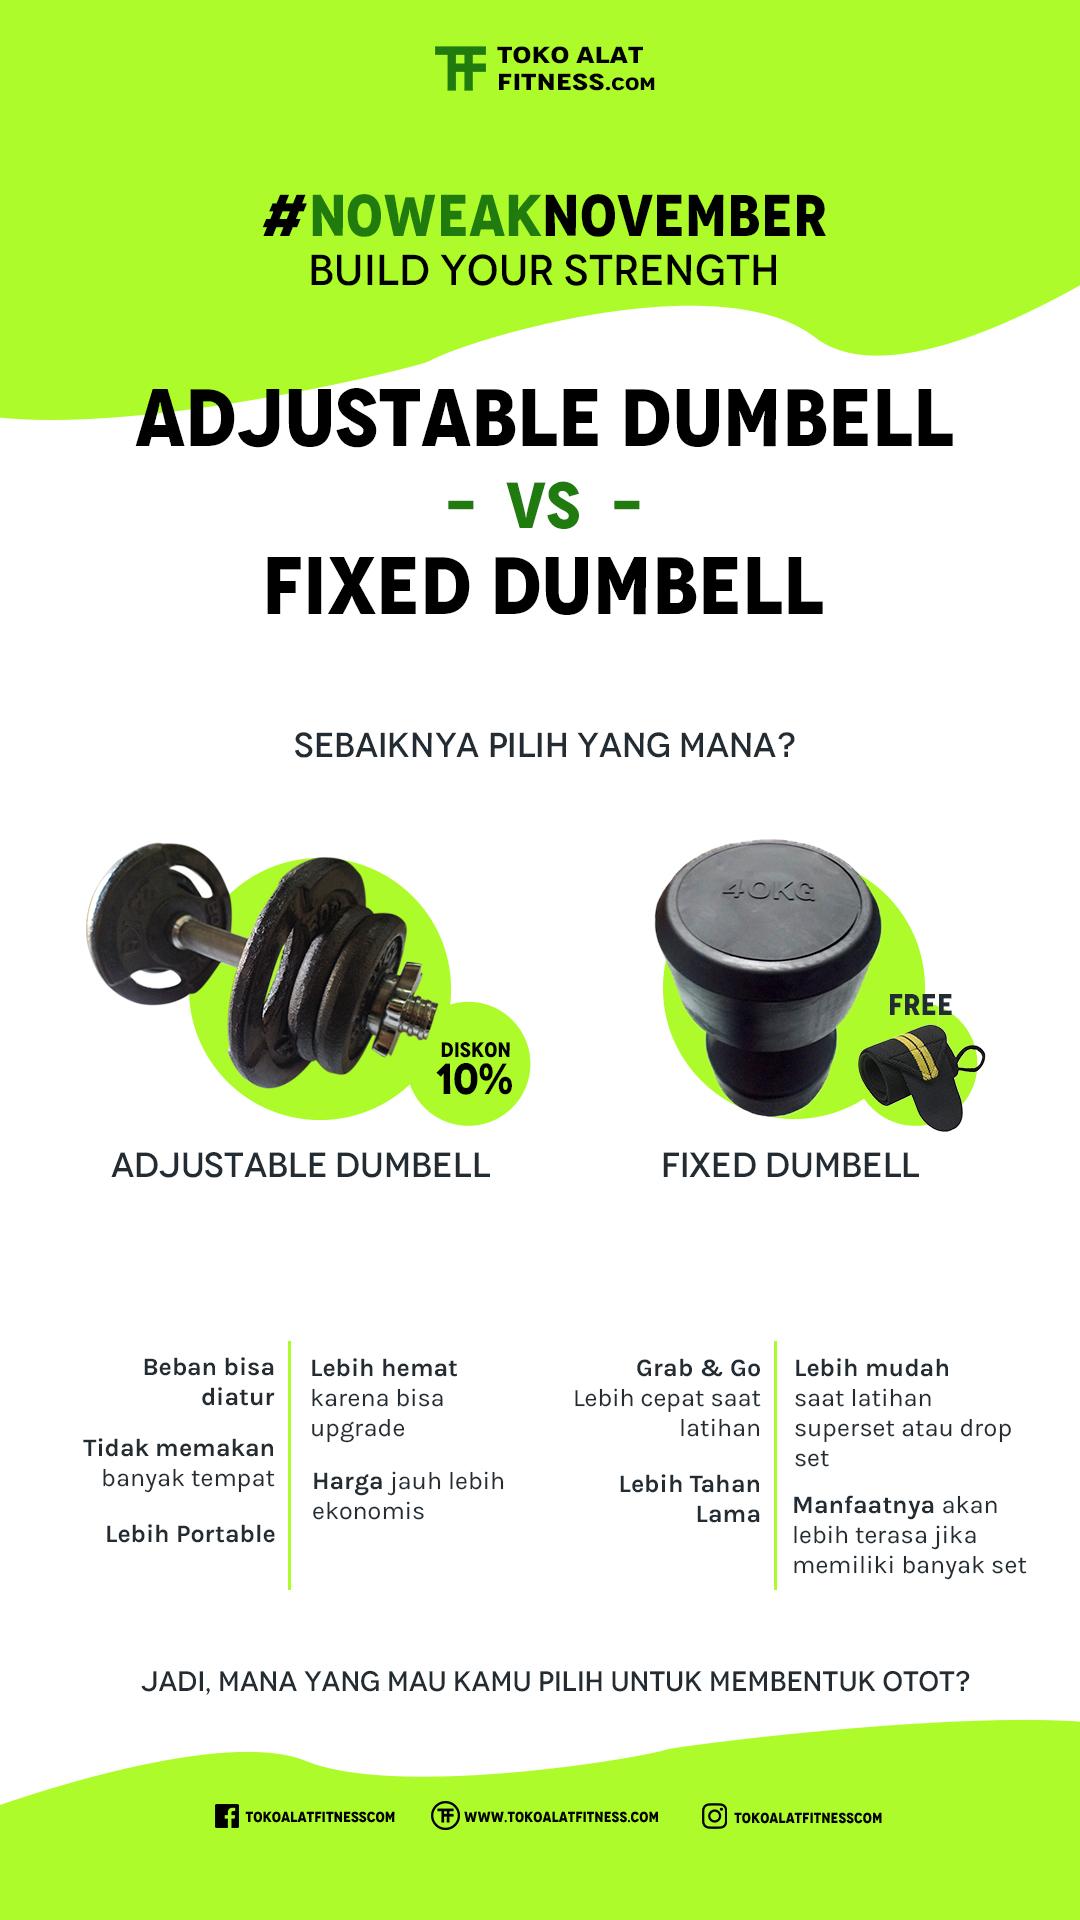 Adjustable Dumbell atau Fixed Dumbell sebaiknya pilih mana toko alat fitness com jual sewa servis alat fitness - Adjustable Dumbell atau Fixed Dumbell, sebaiknya pilih mana?